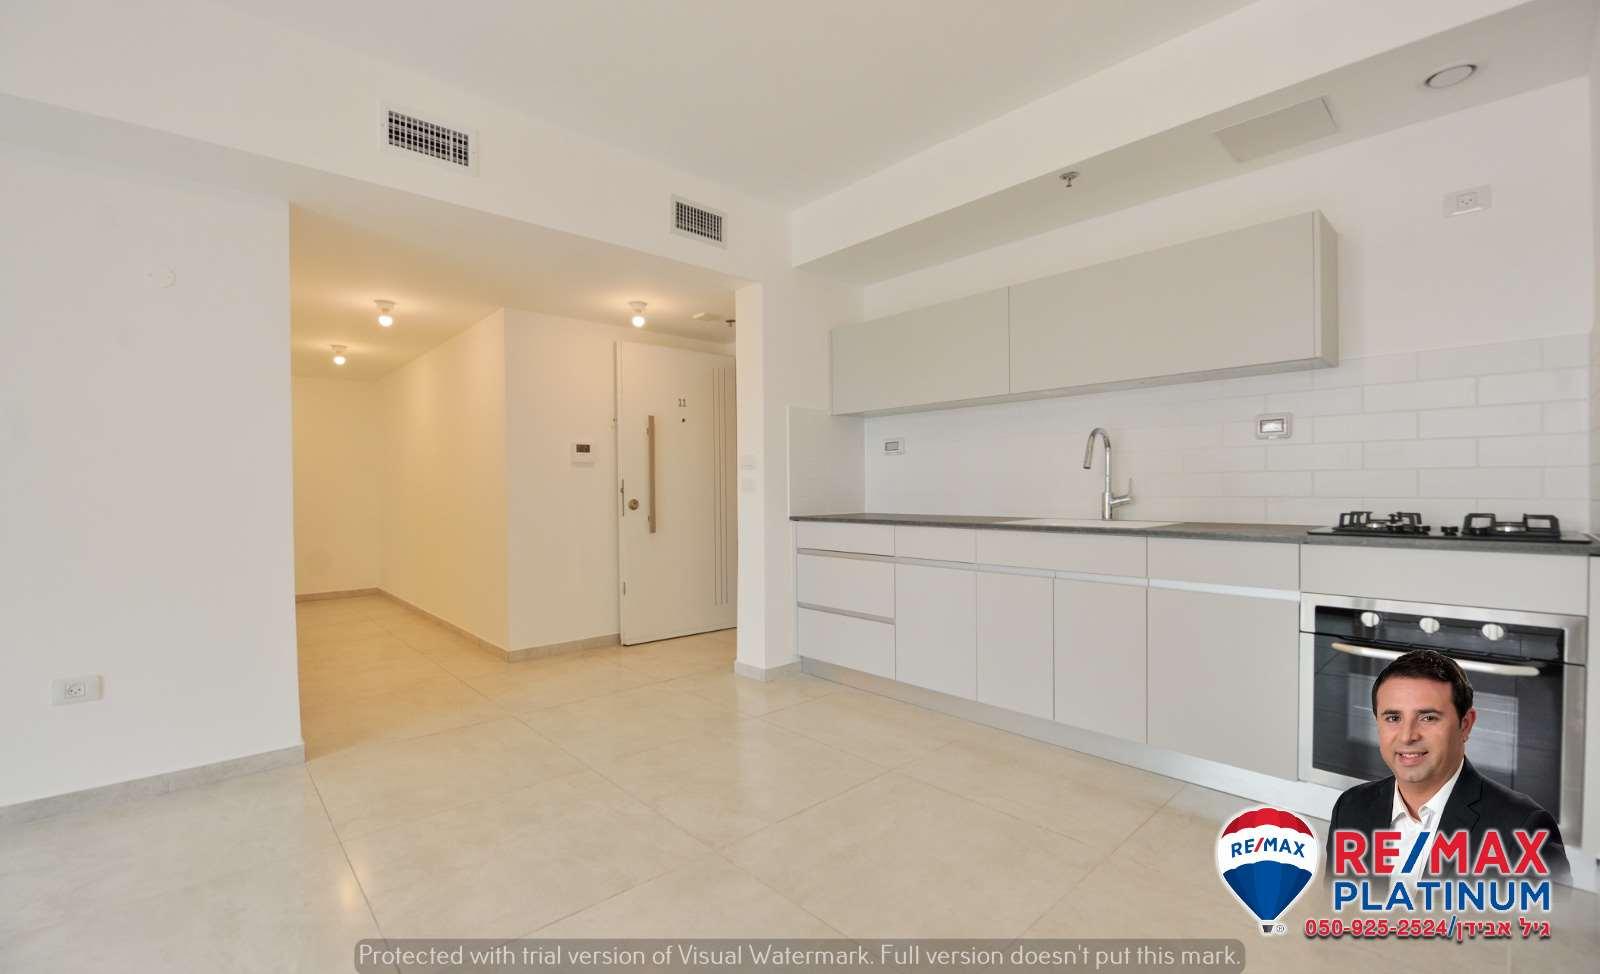 דירה למכירה 3 חדרים בקרית אונו דרך לוי אשכול